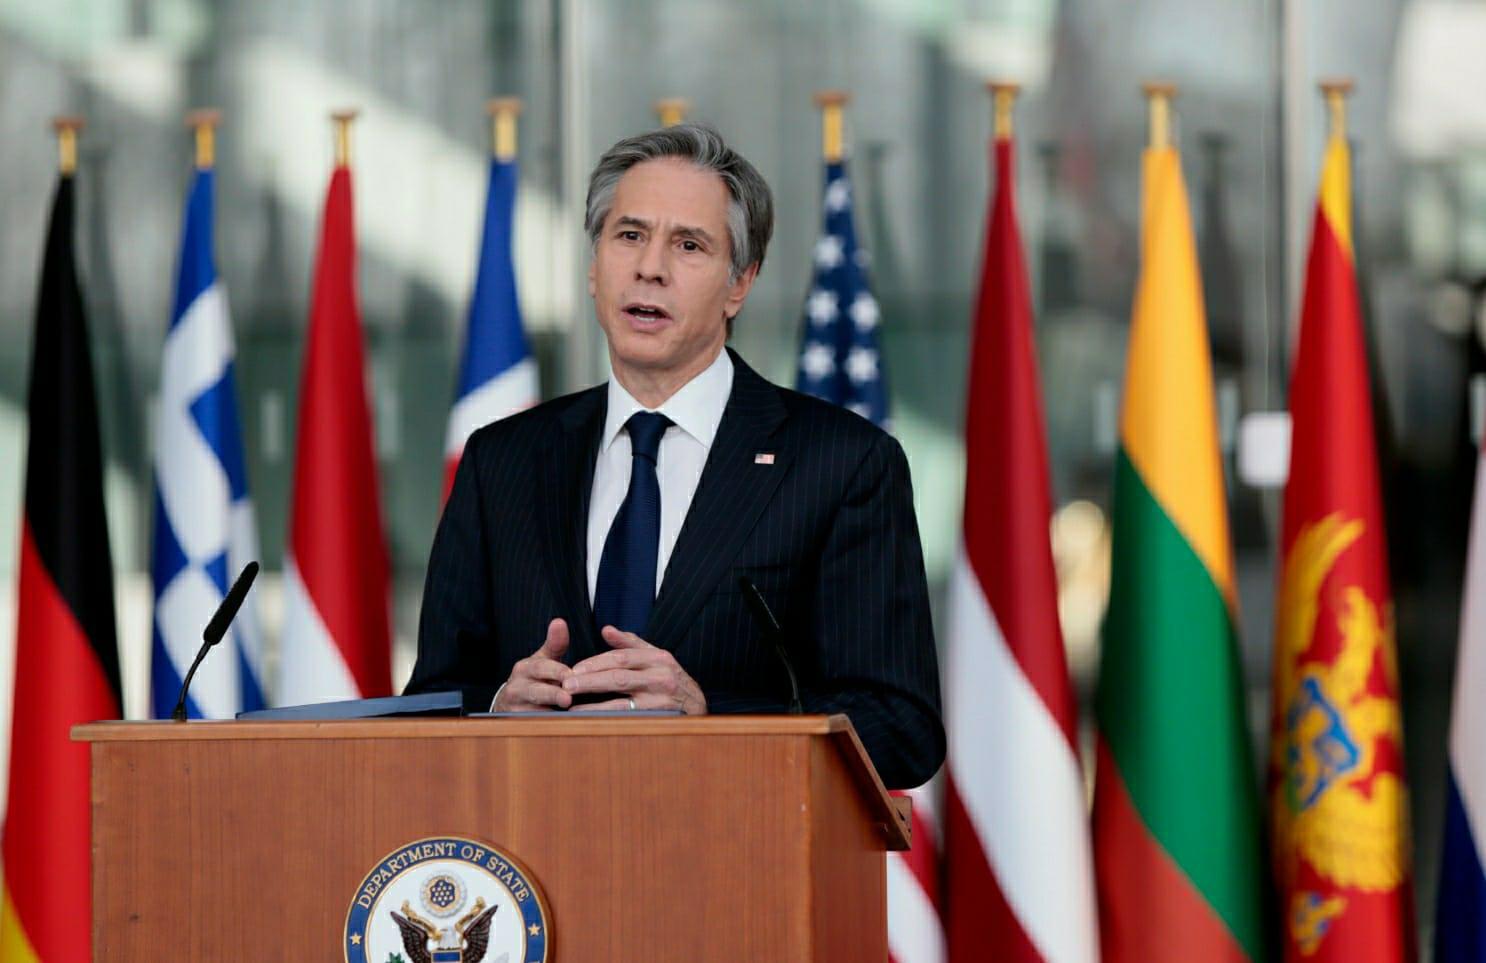 ABD, Filistin'e yönelik Fas ve Bahreyn ile görüştü